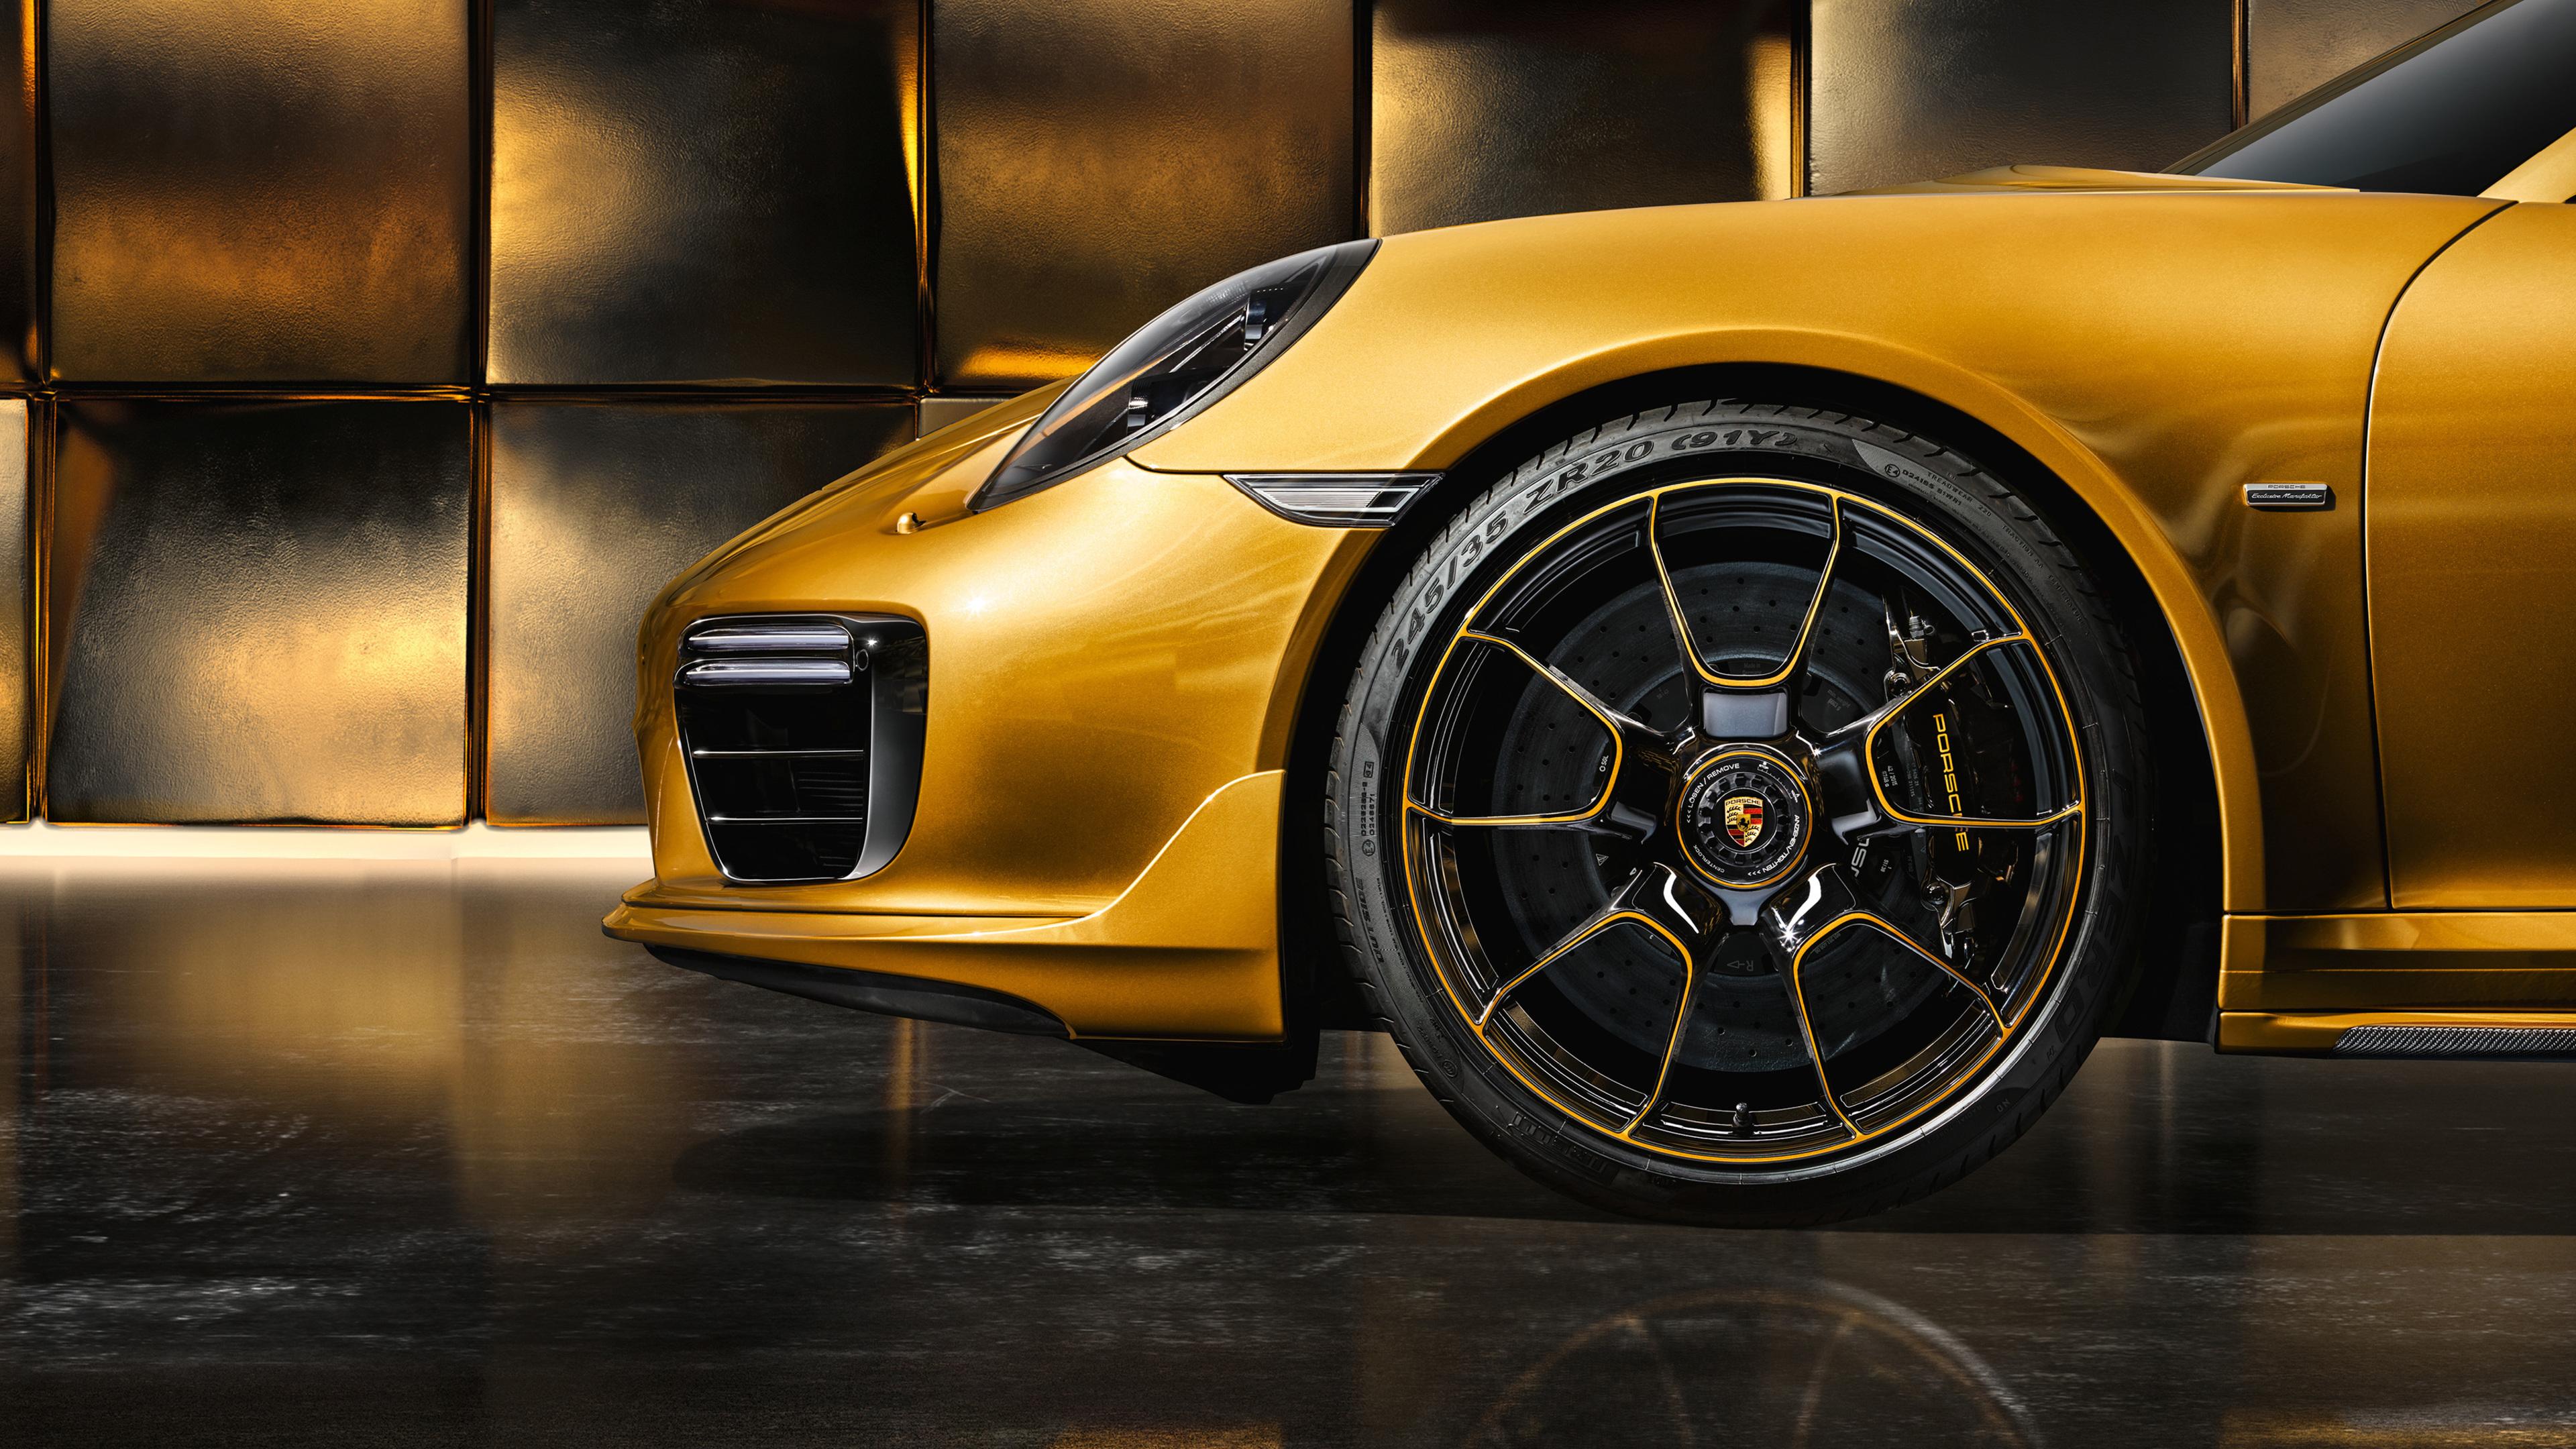 porsche exclusive series porsche 911 turbo 1539105965 - Porsche Exclusive Series Porsche 911 Turbo - porsche wallpapers, porsche 911 wallpapers, hd-wallpapers, hd wallpapers2018 cars wallpapers, cars wallpapers, 4k-wallpapers